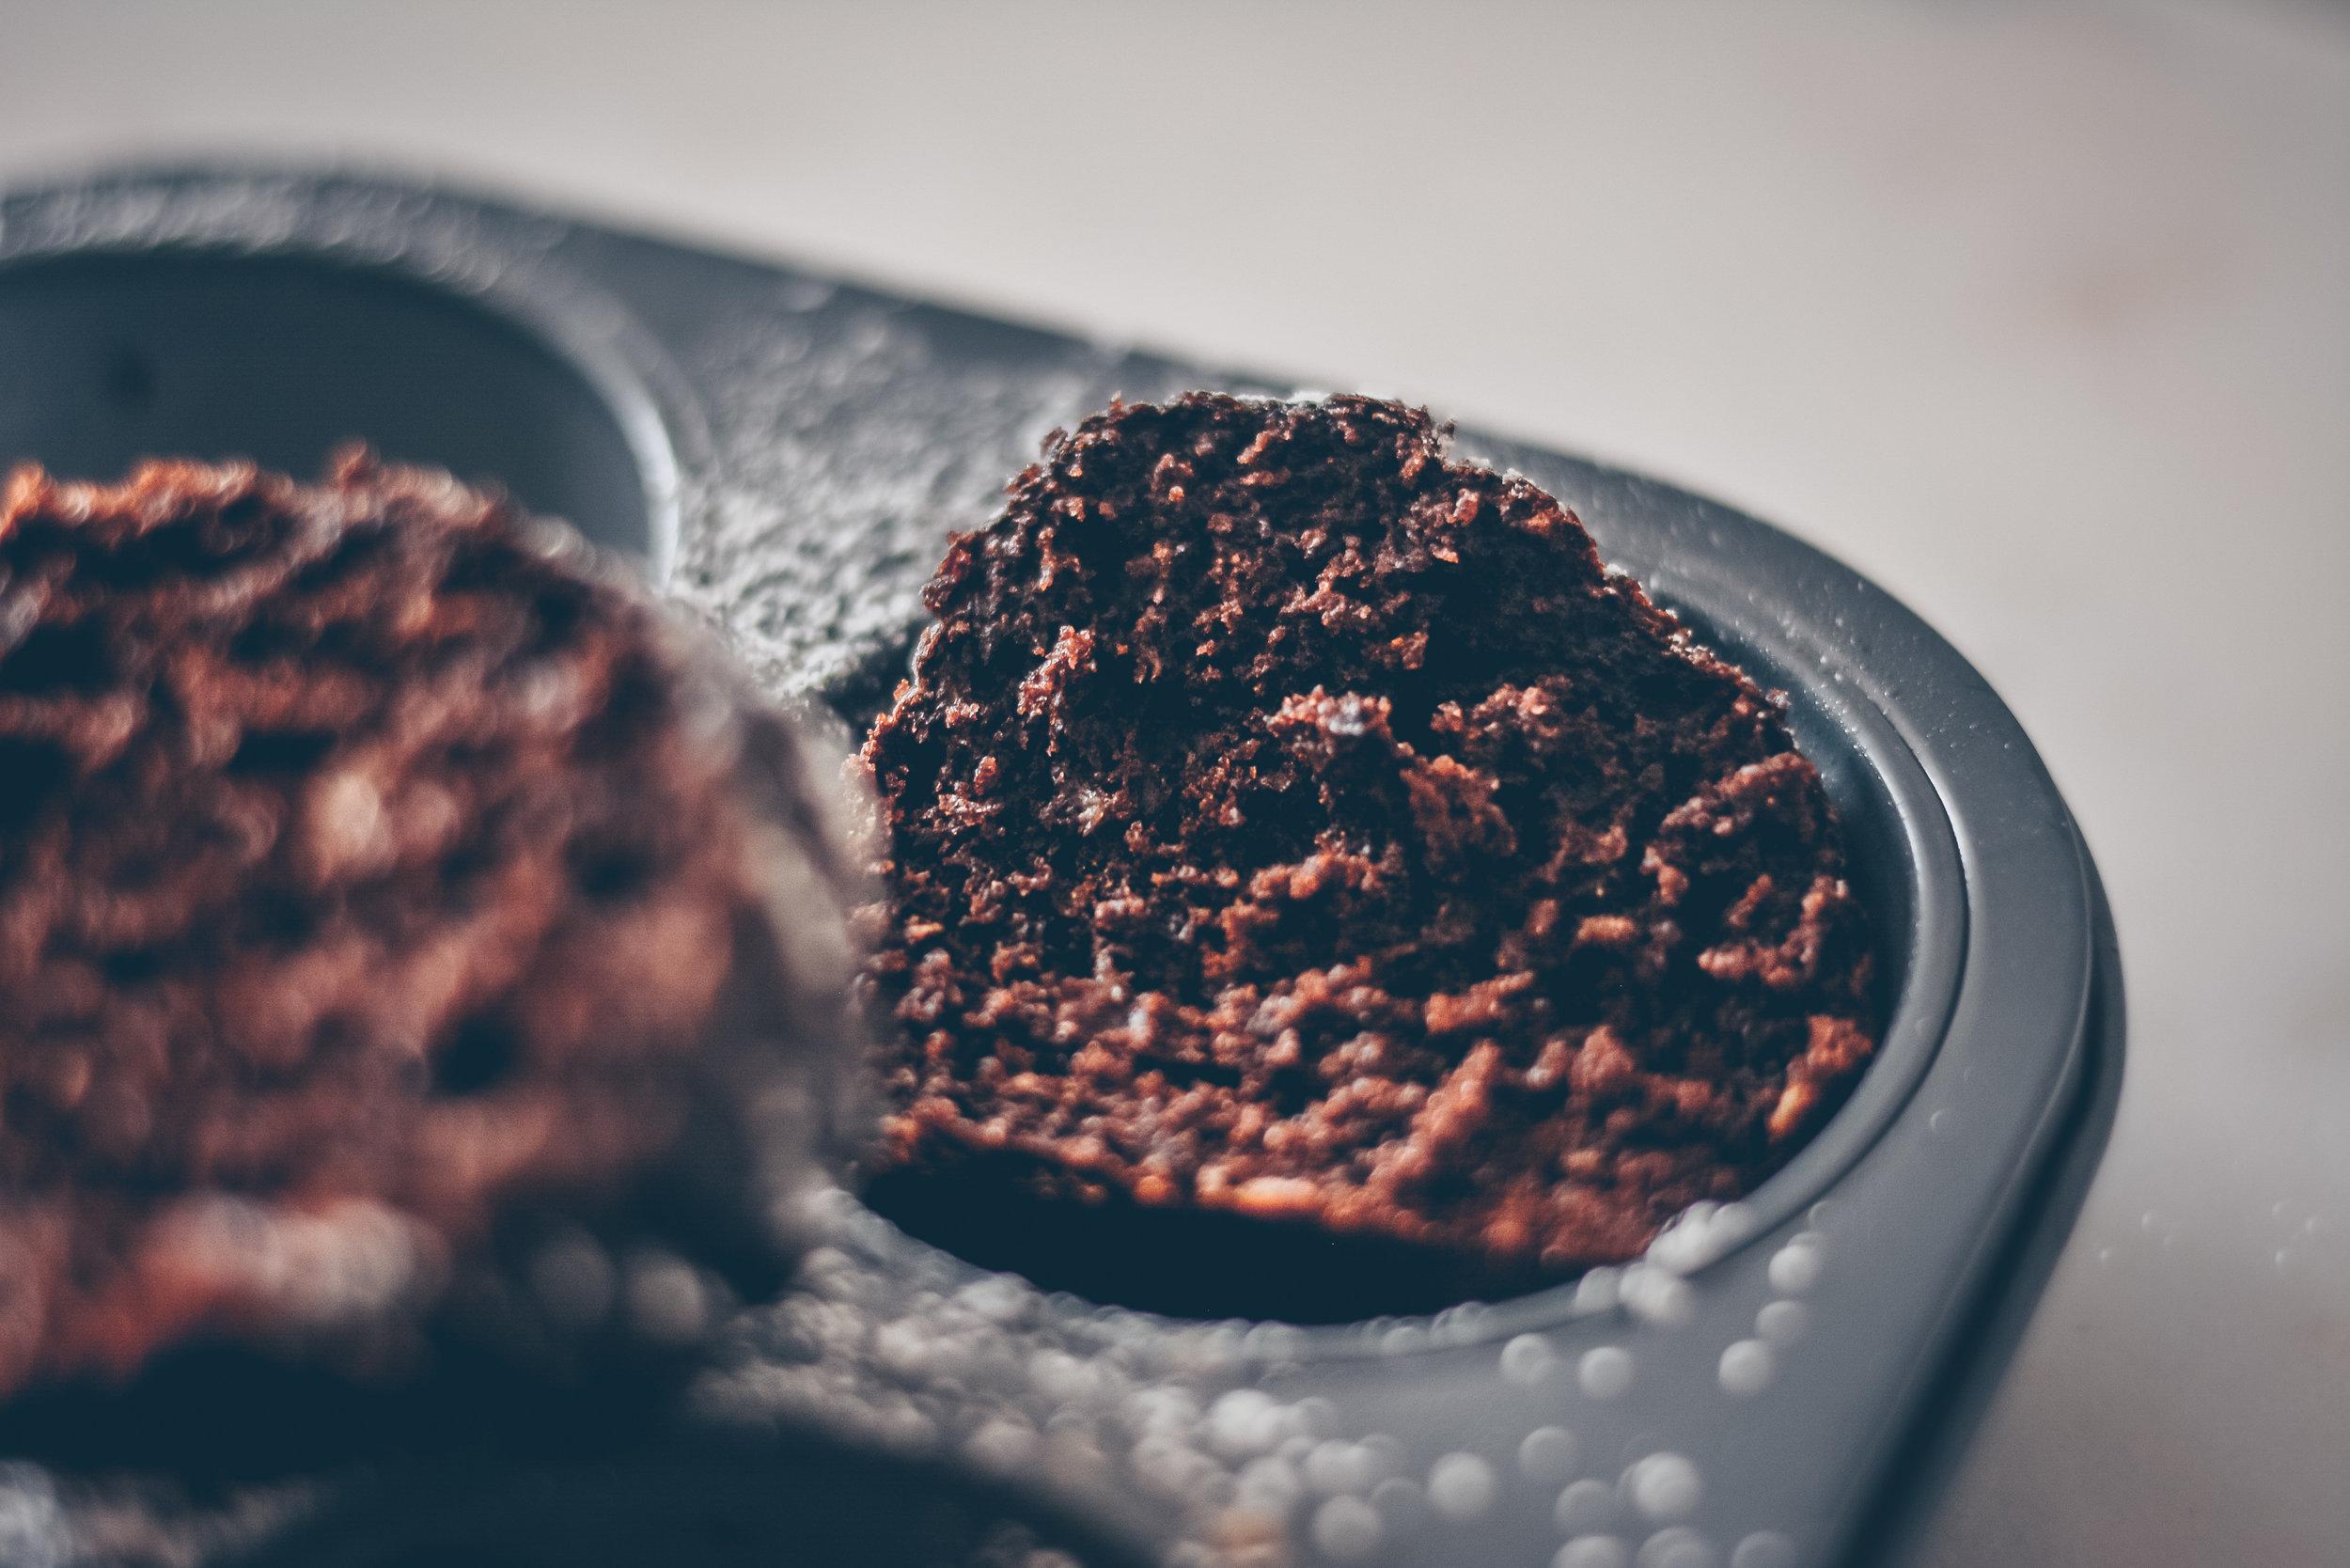 darkchocolateespressomuffins-7.jpg